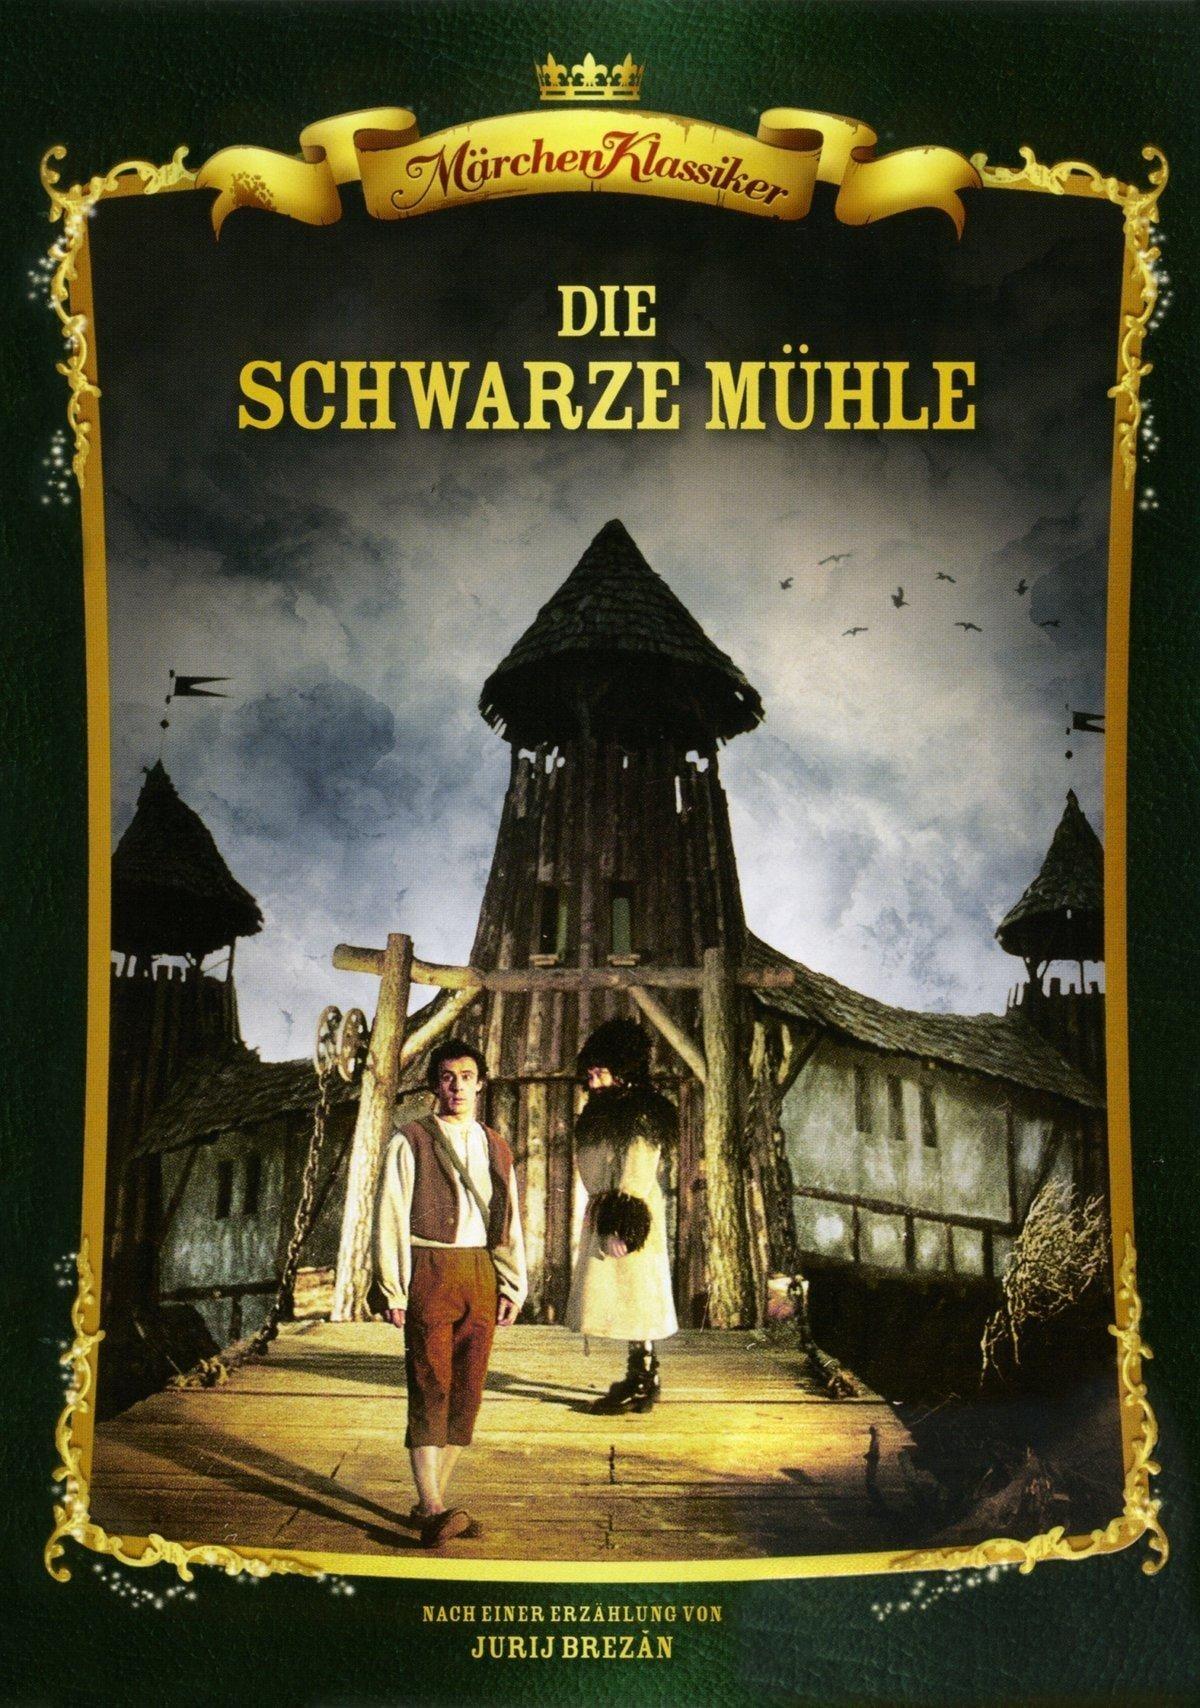 Die schwarze Mühle